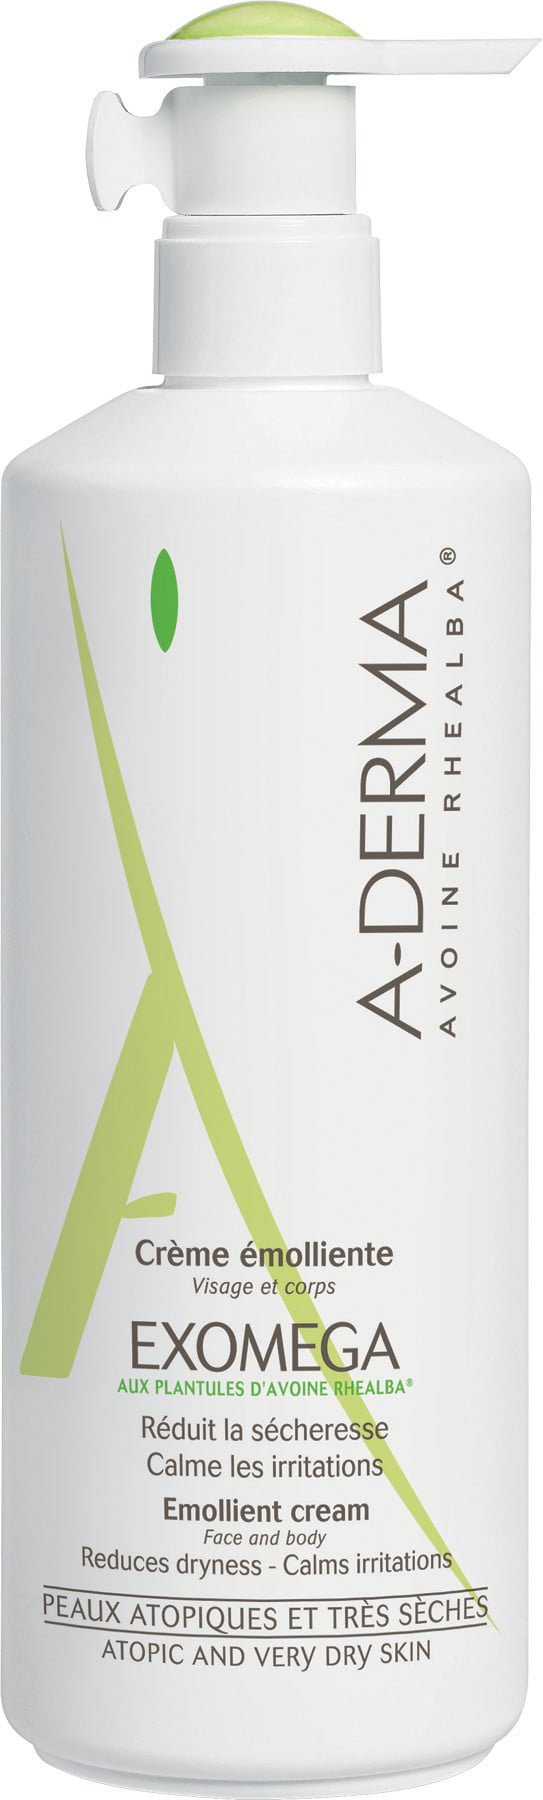 Aderma Exomega Emollient Cream 400ml